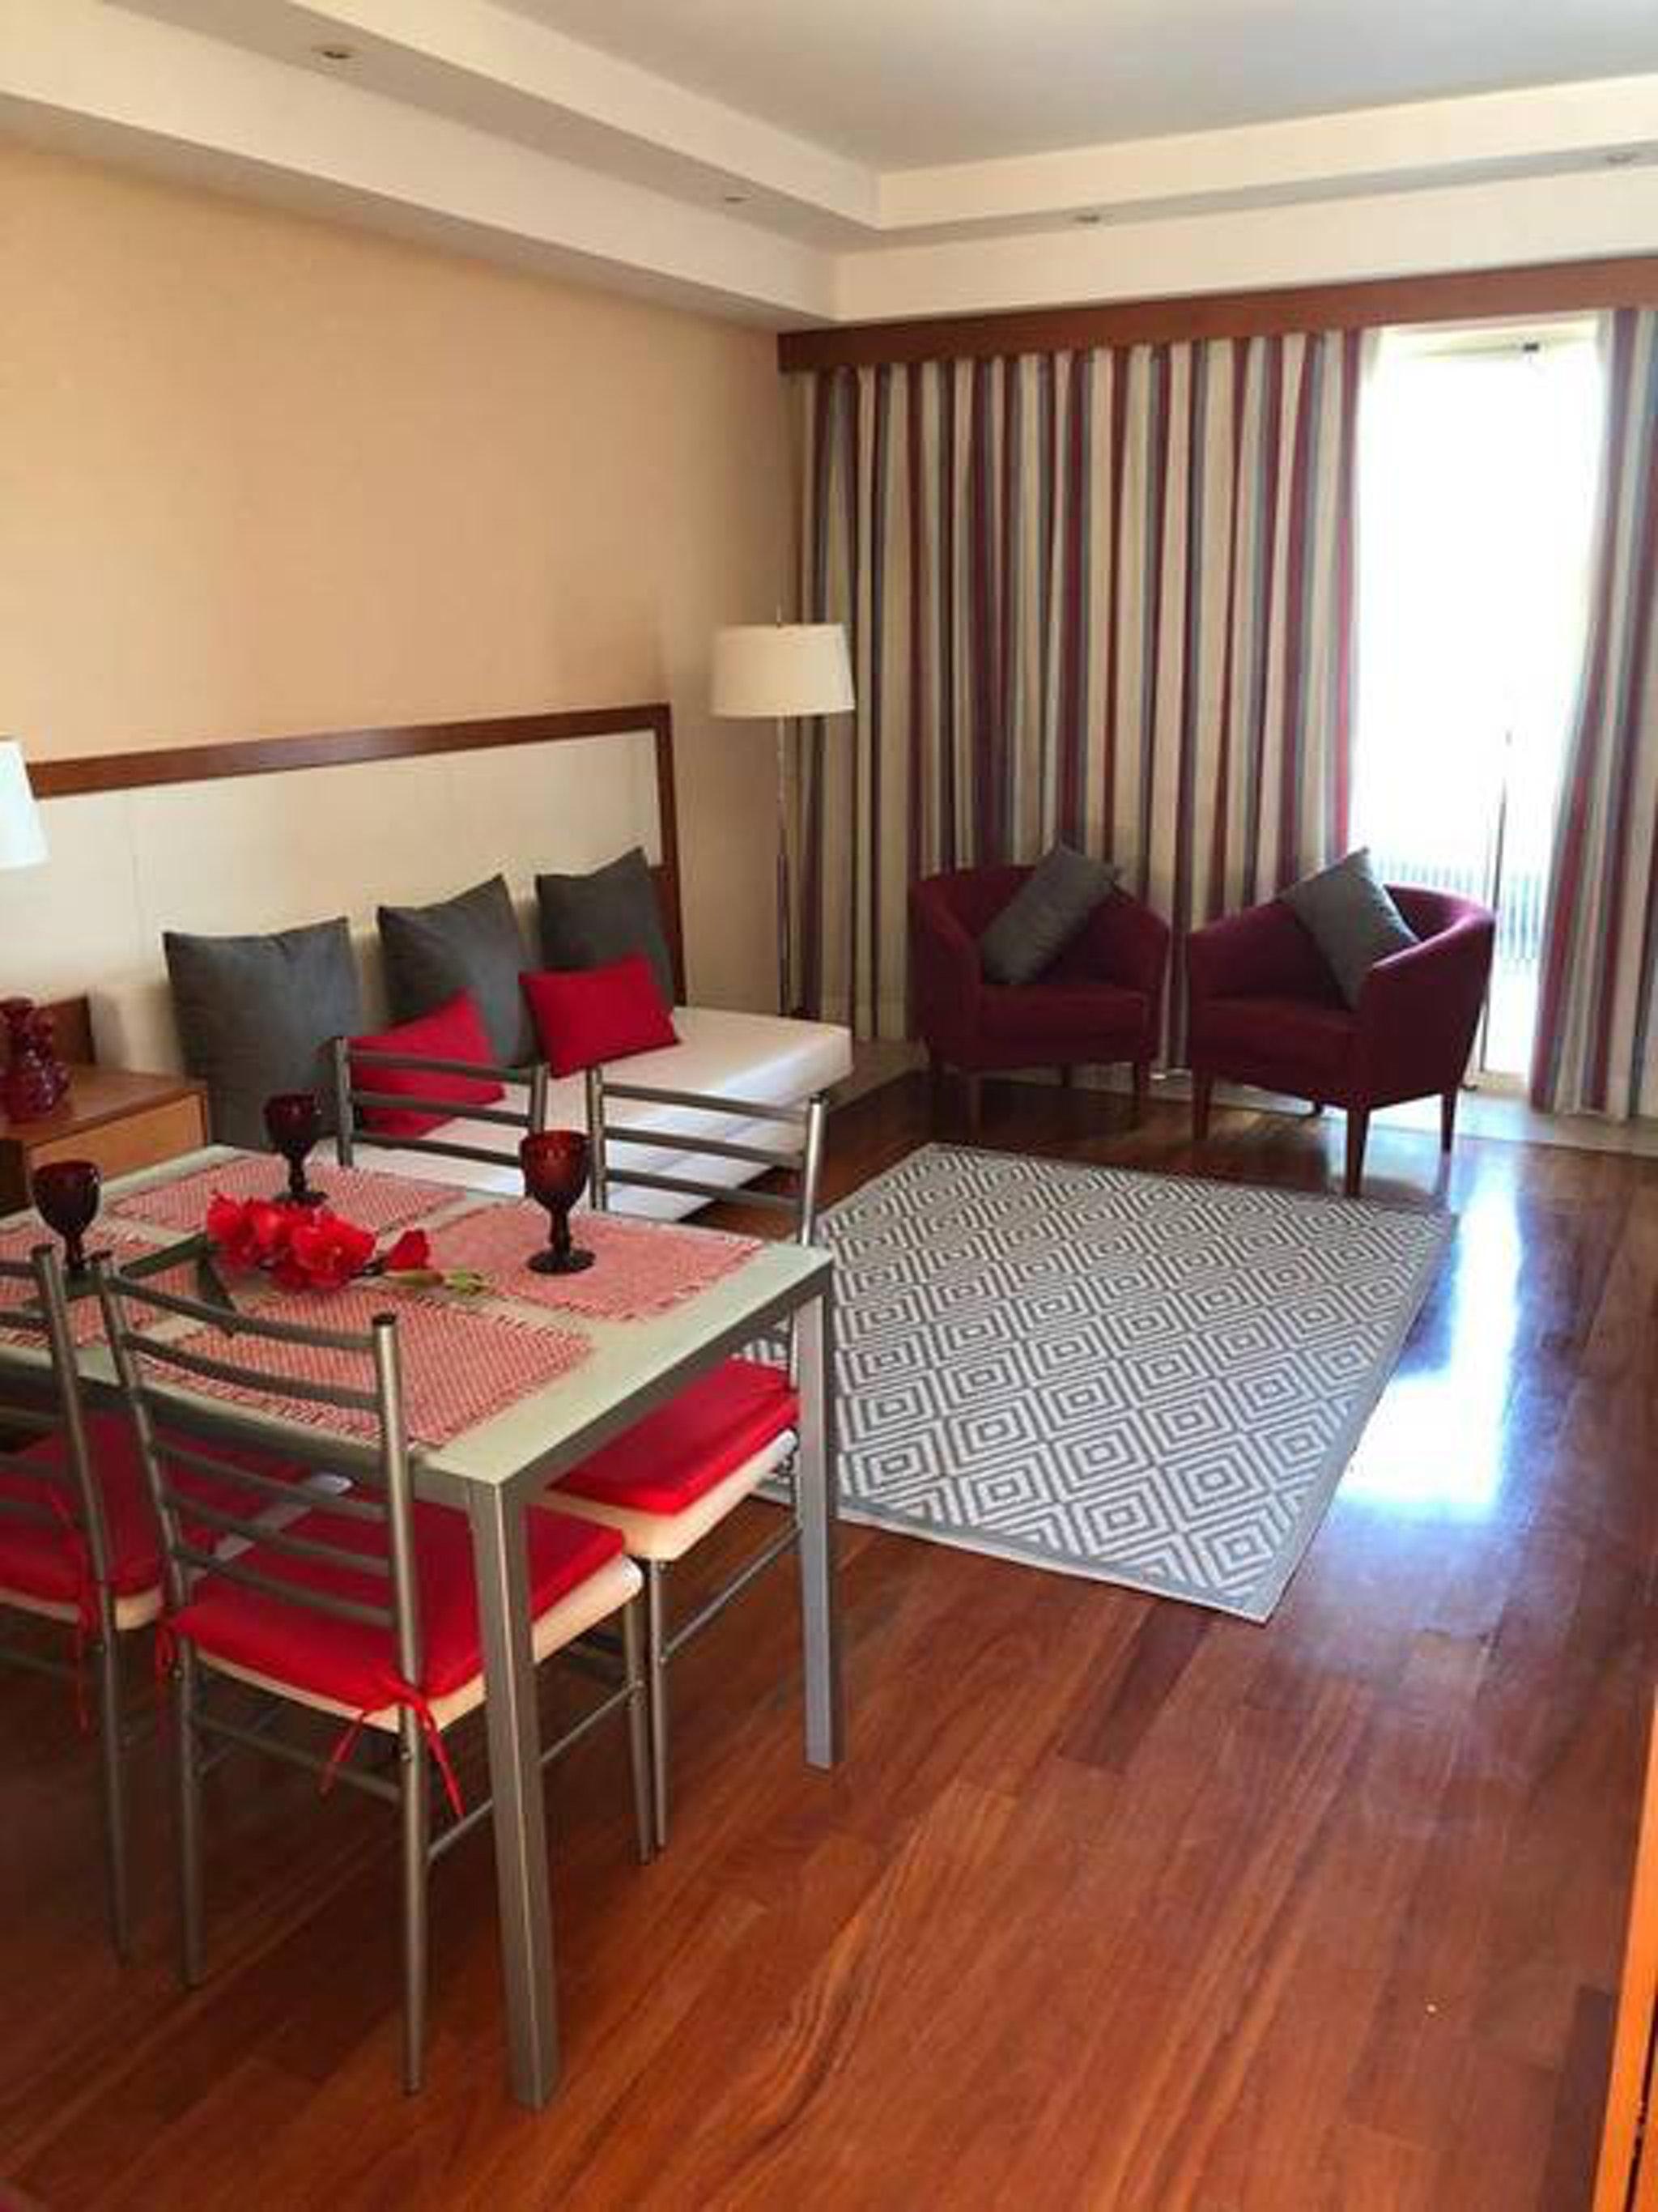 Ferienwohnung Wohnung mit einem Schlafzimmer in Estômbar mit bezauberndem Seeblick, Pool, eingezäuntem G (2623795), Estombar, , Algarve, Portugal, Bild 2